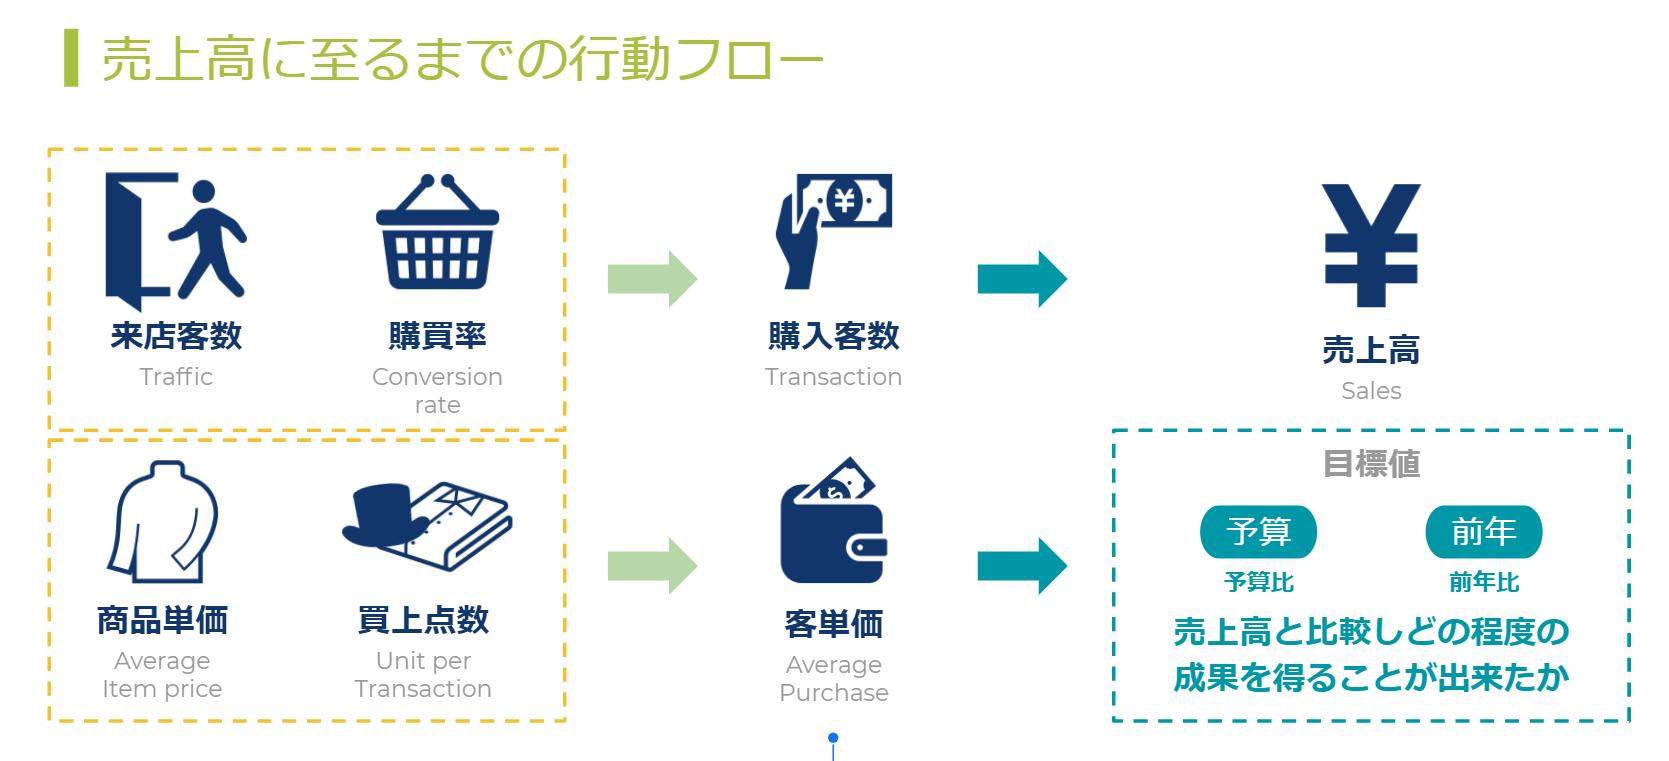 店舗ユーザー様向けInsight活用提案-Google-スライド+(2).png (1669×761)